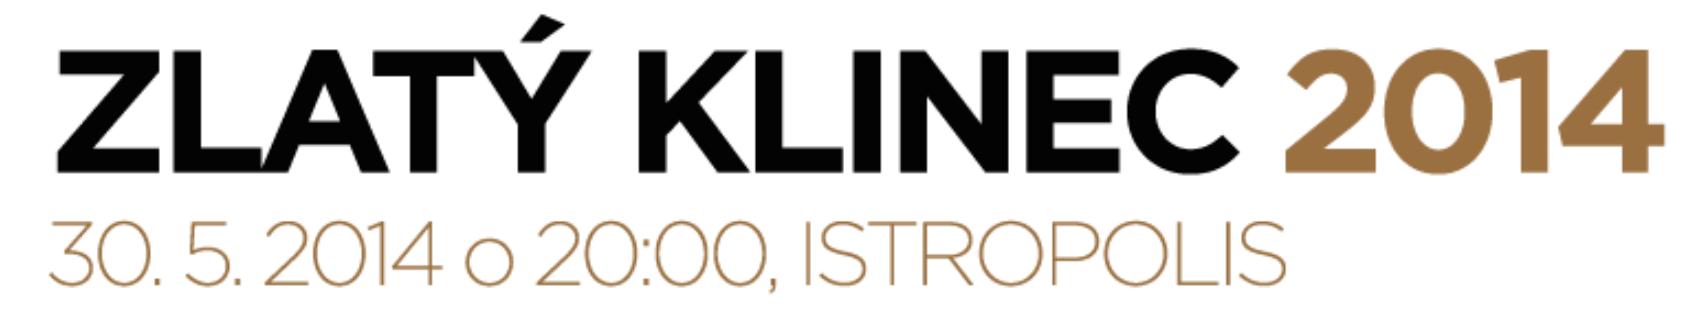 ZlatyKlinec2014